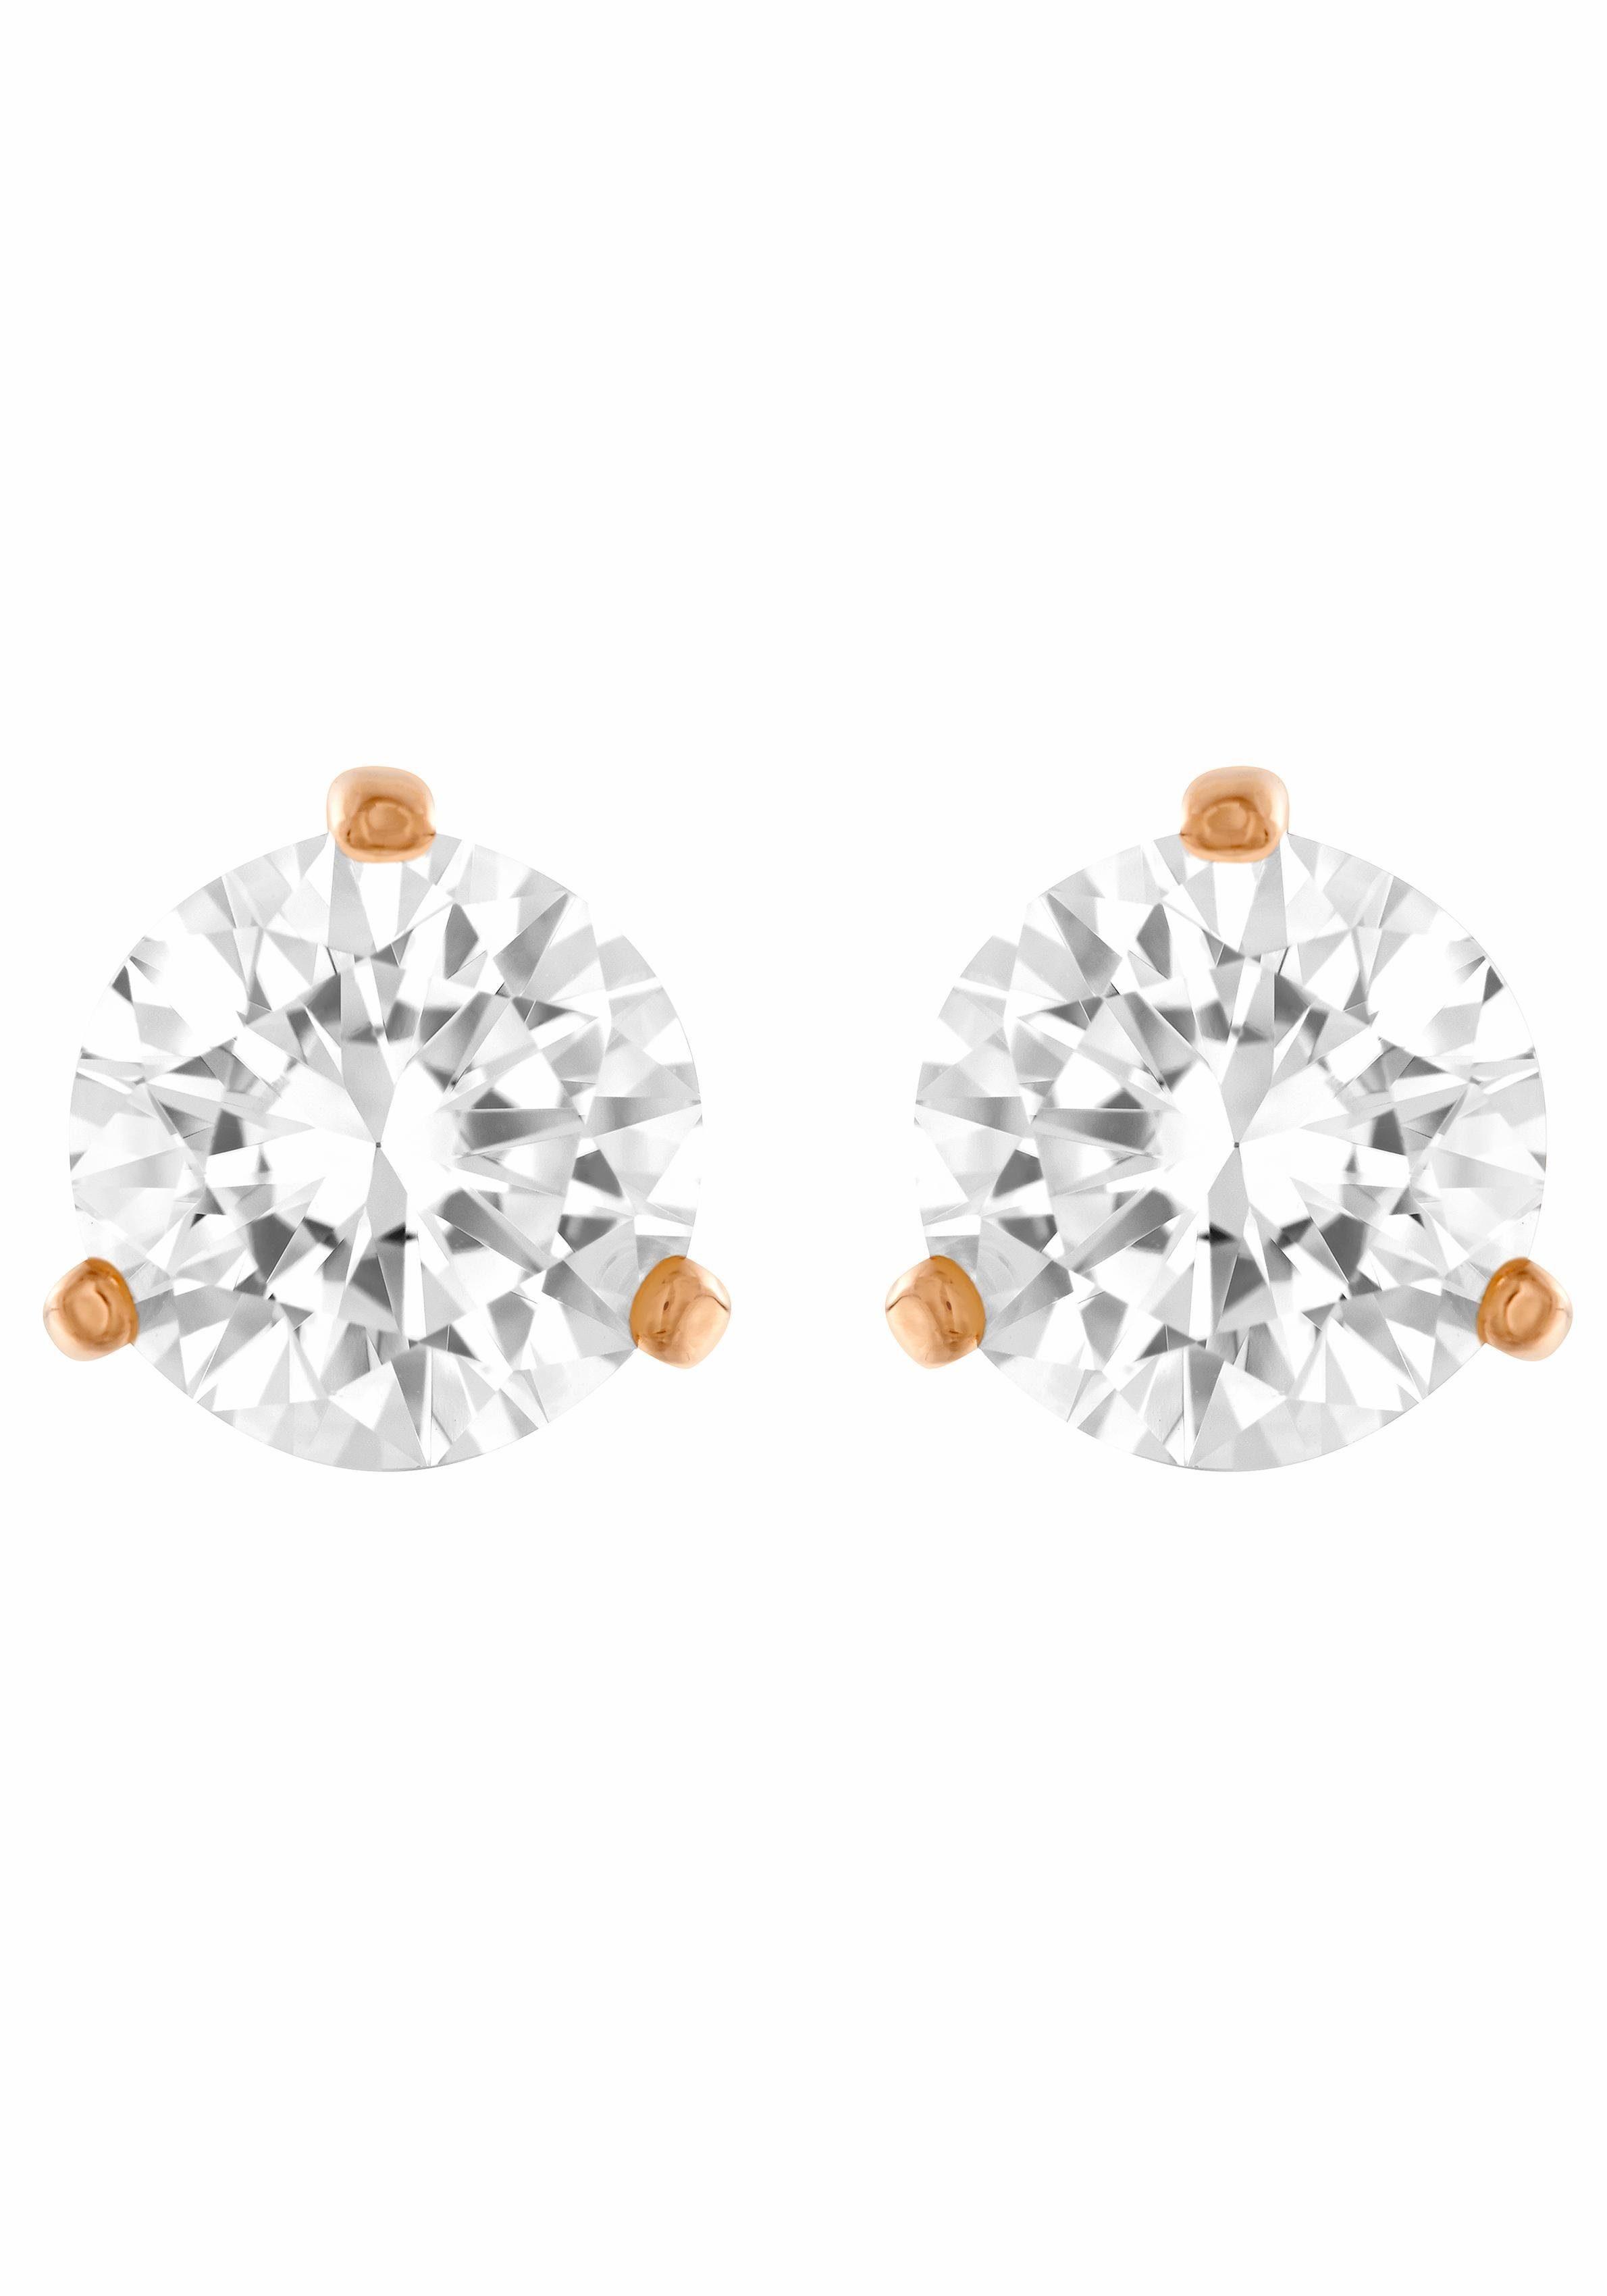 Swarovski Paar Ohrstecker »SOLITAIRE, WEISS, ROSÈ VERGOLDUNG, 5112156« mit Swarovski® Kristallen